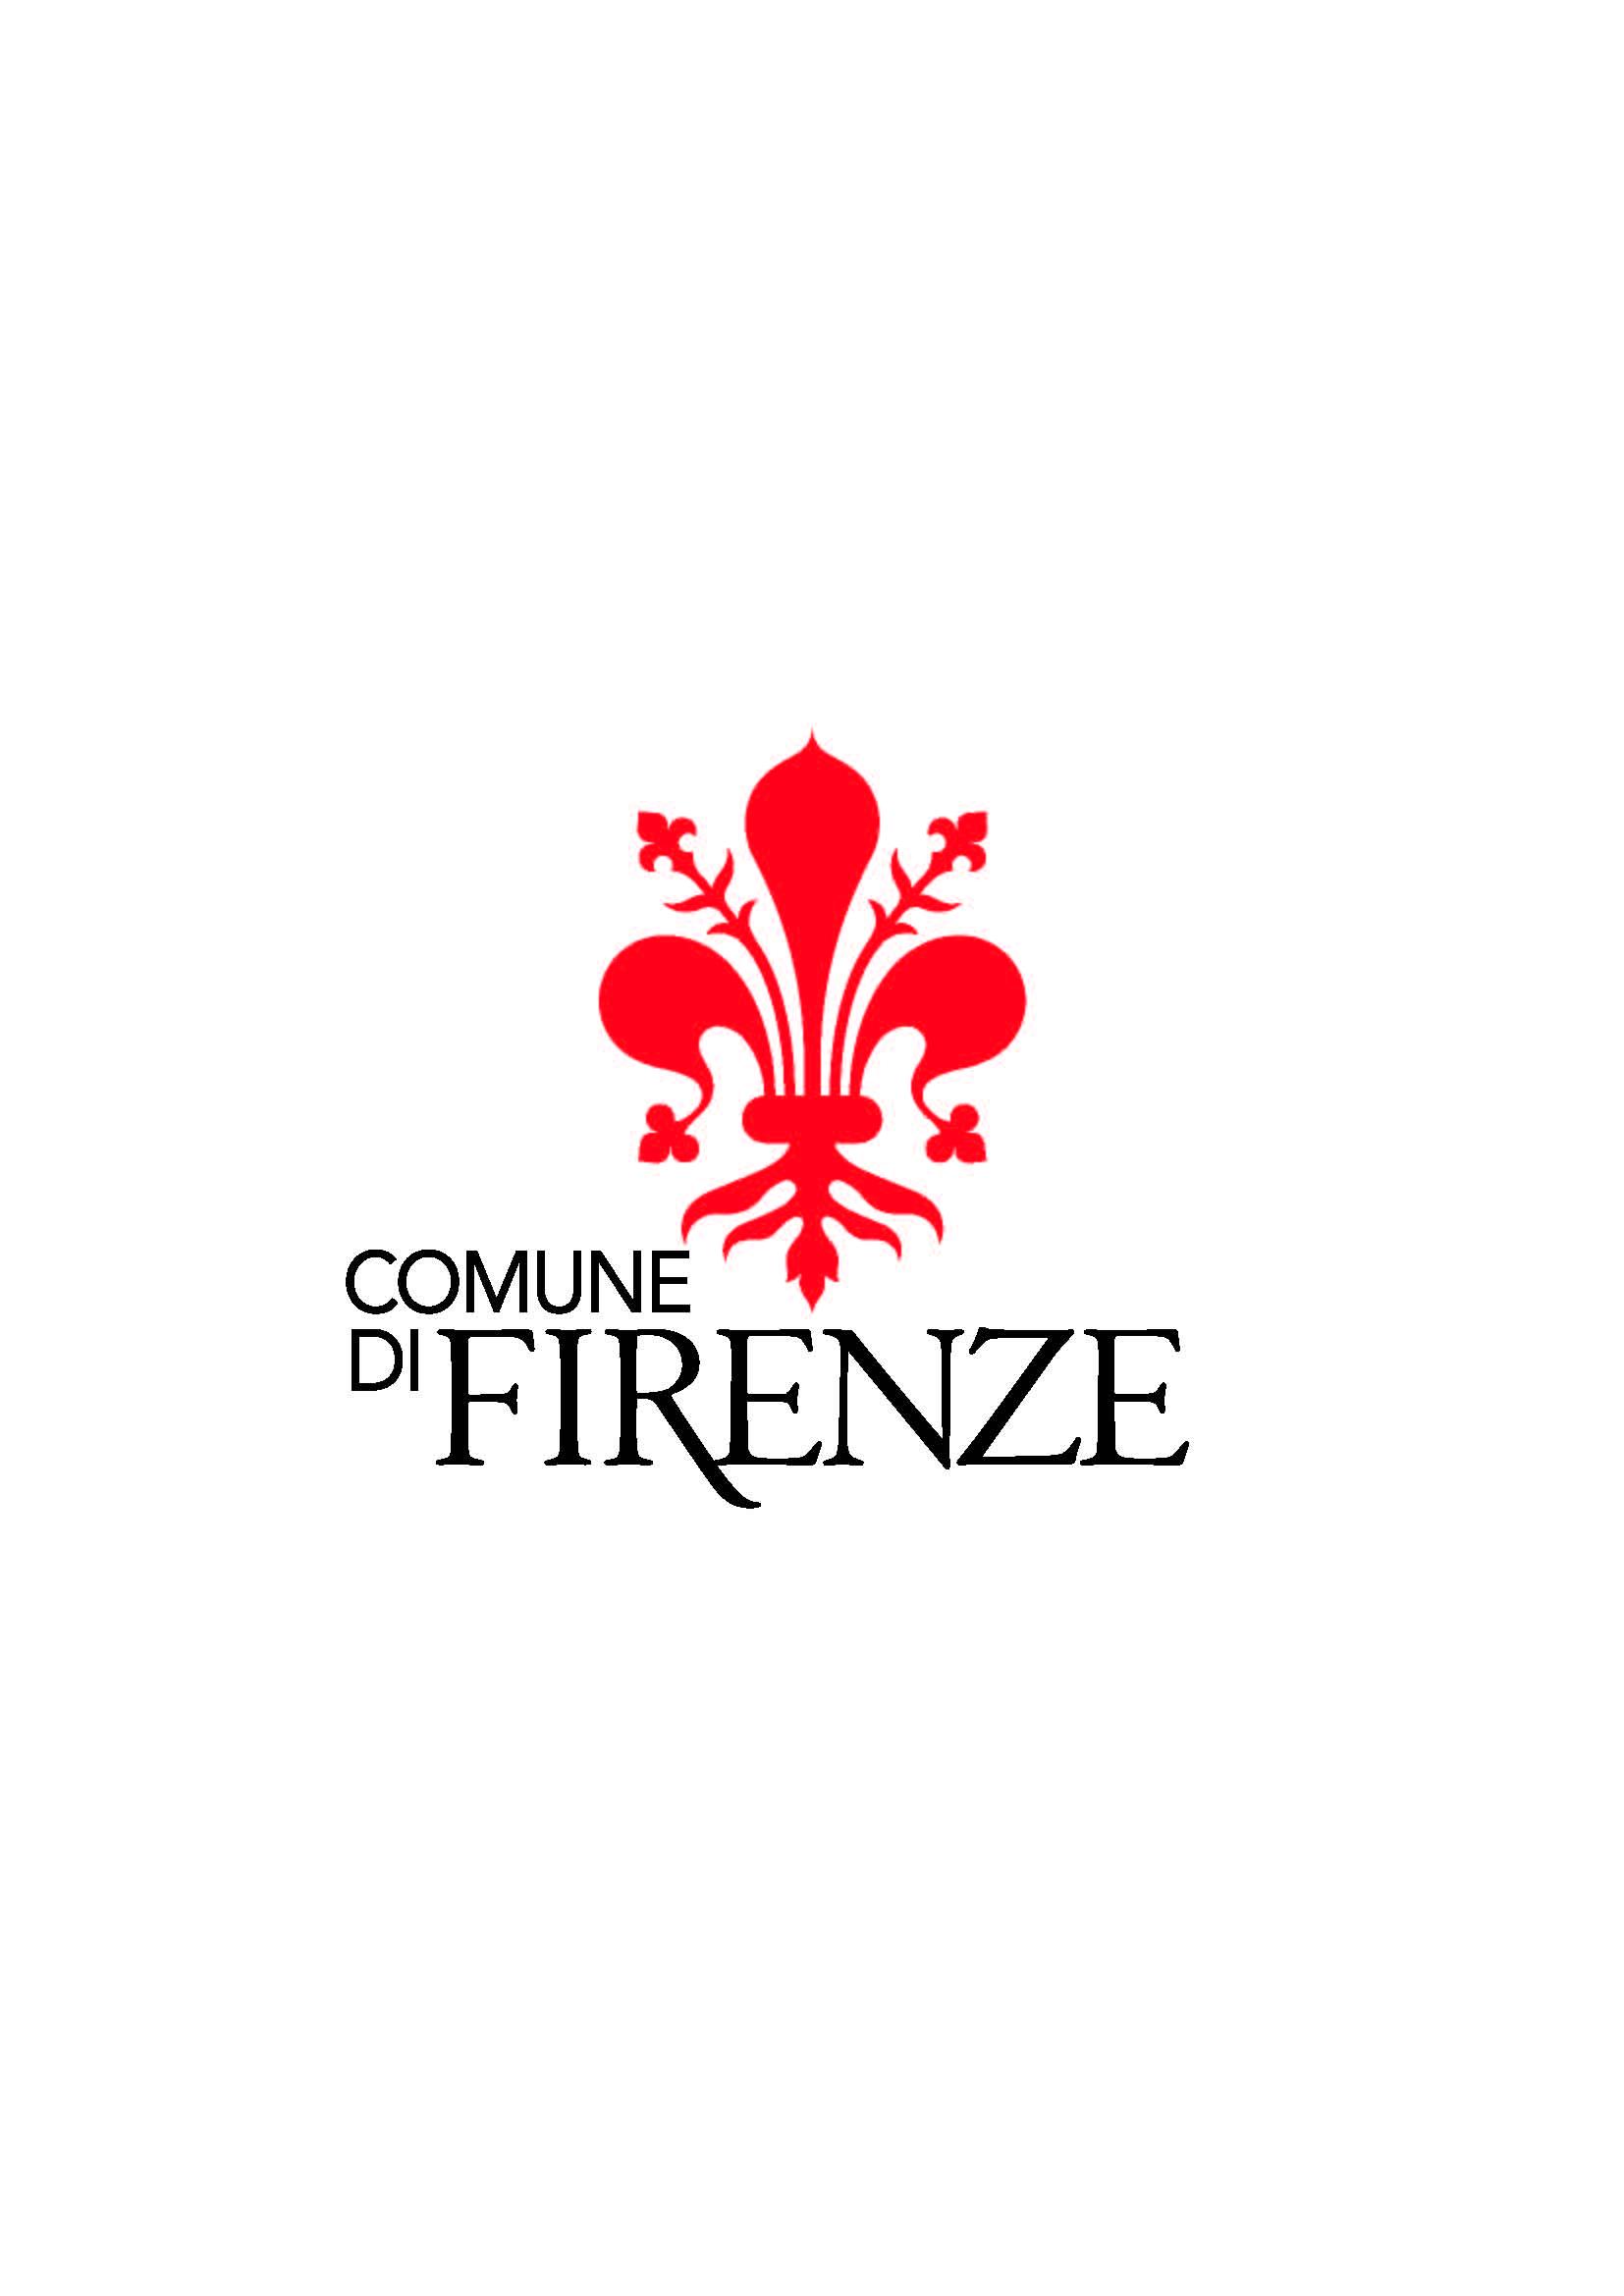 Impresa Edile Firenze #4164  msyte.com Idee e foto di ispirazione per la tua idea Ispirazione ...